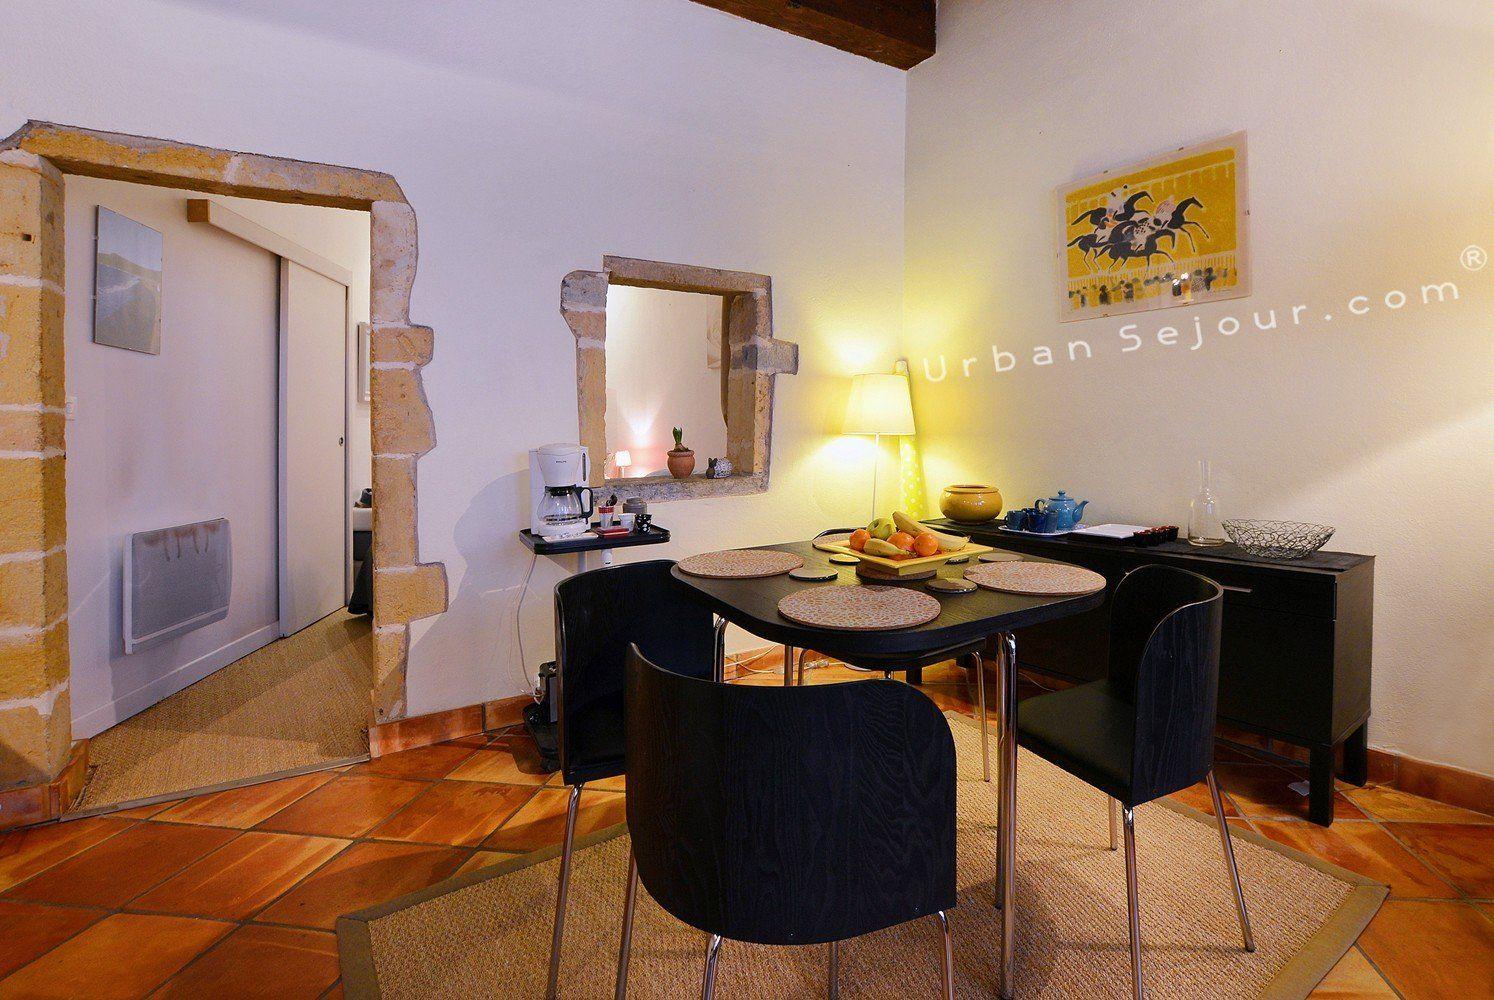 Location appartement meubl avec 1 chambre location for Location appartement meuble a lyon